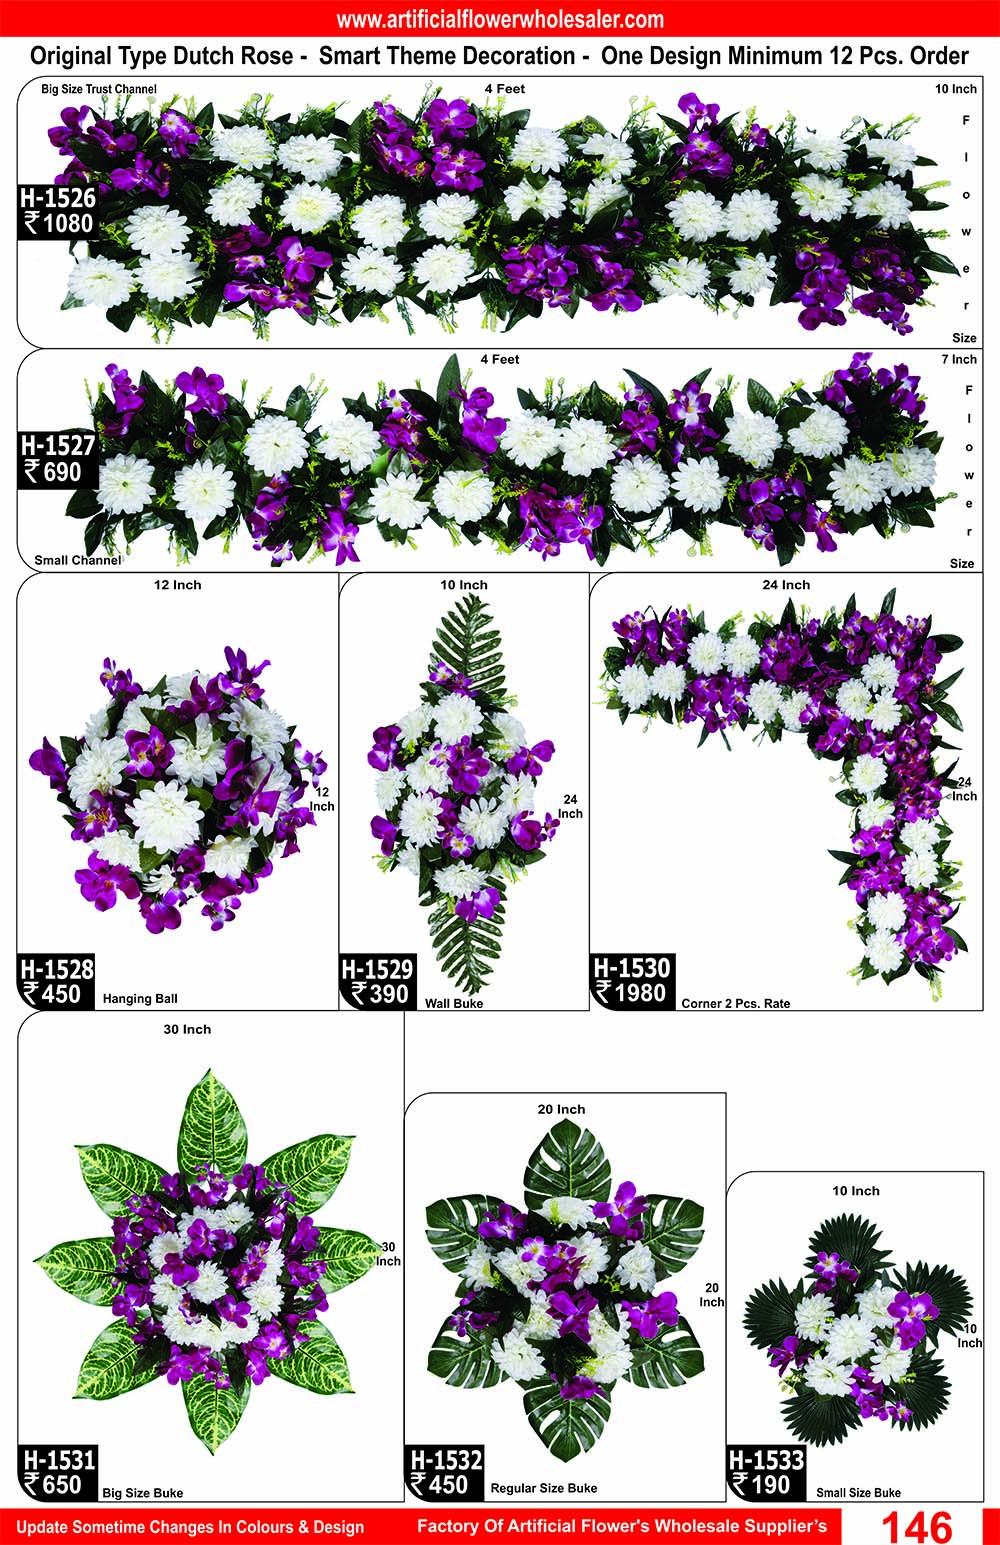 146-artificial-flower-wholesaler